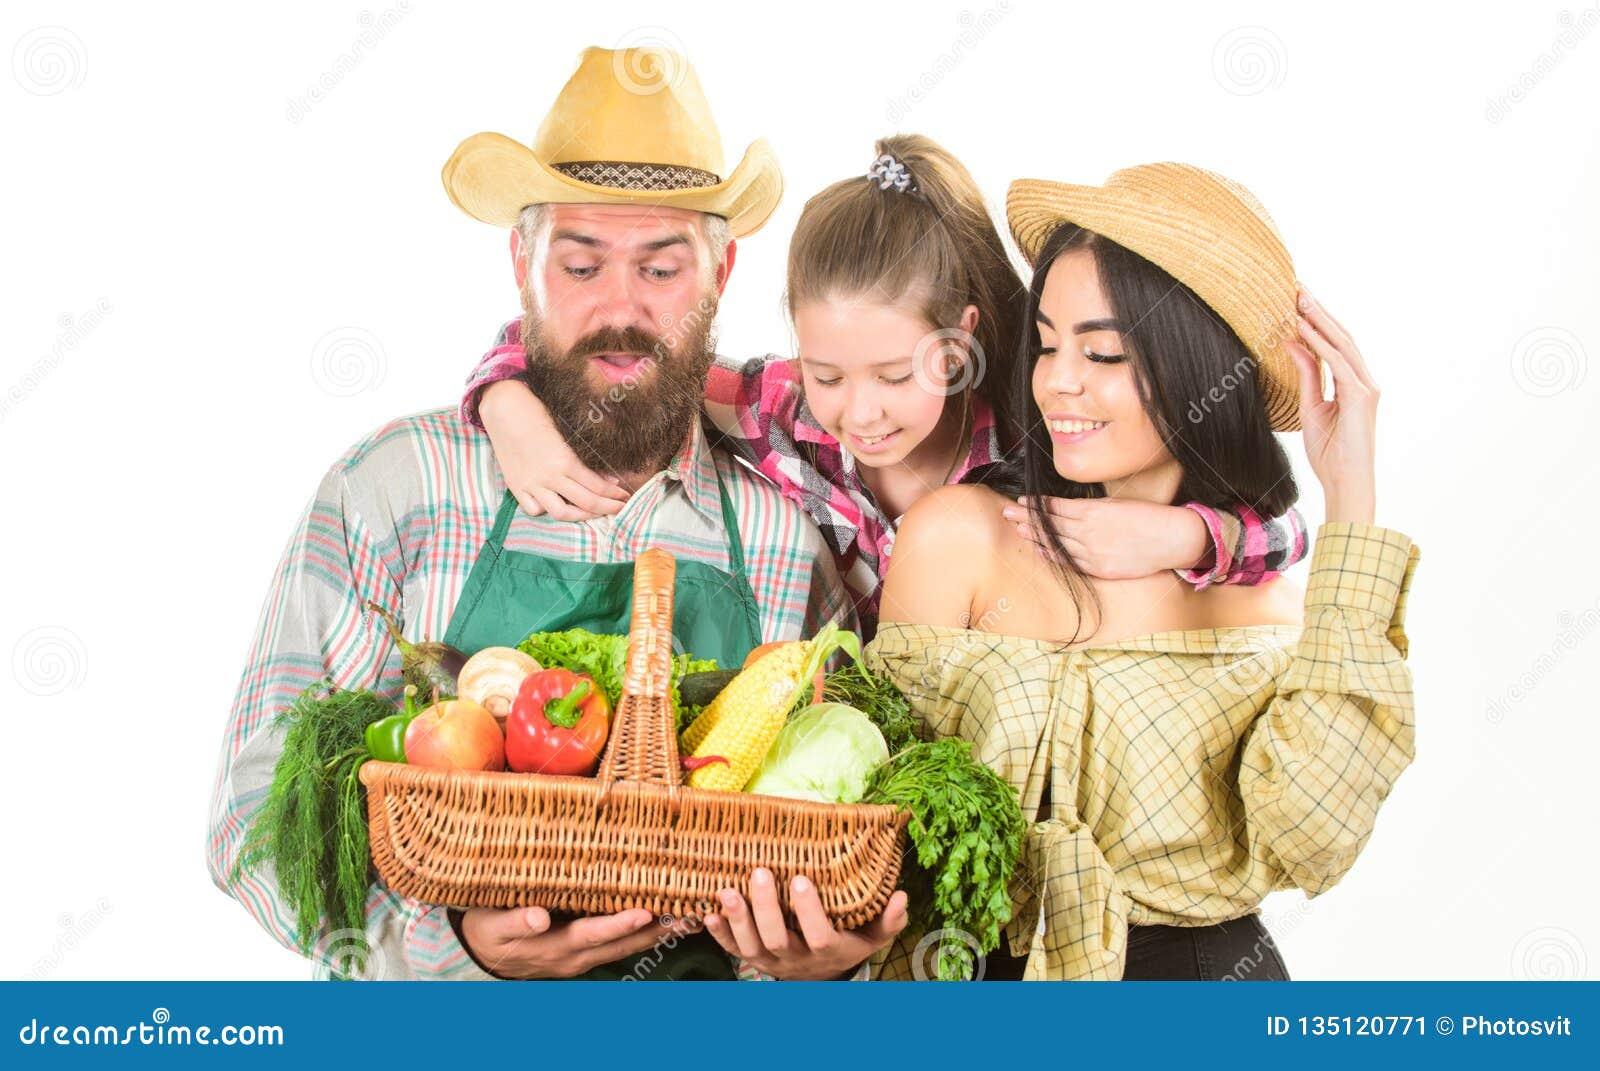 Αναπτυγμένος με την αγάπη Οι γονείς και η κόρη γιορτάζουν το απομονωμένο συγκομιδή λευκό λαχανικών κηπουρών οικογενειακών αγροτών